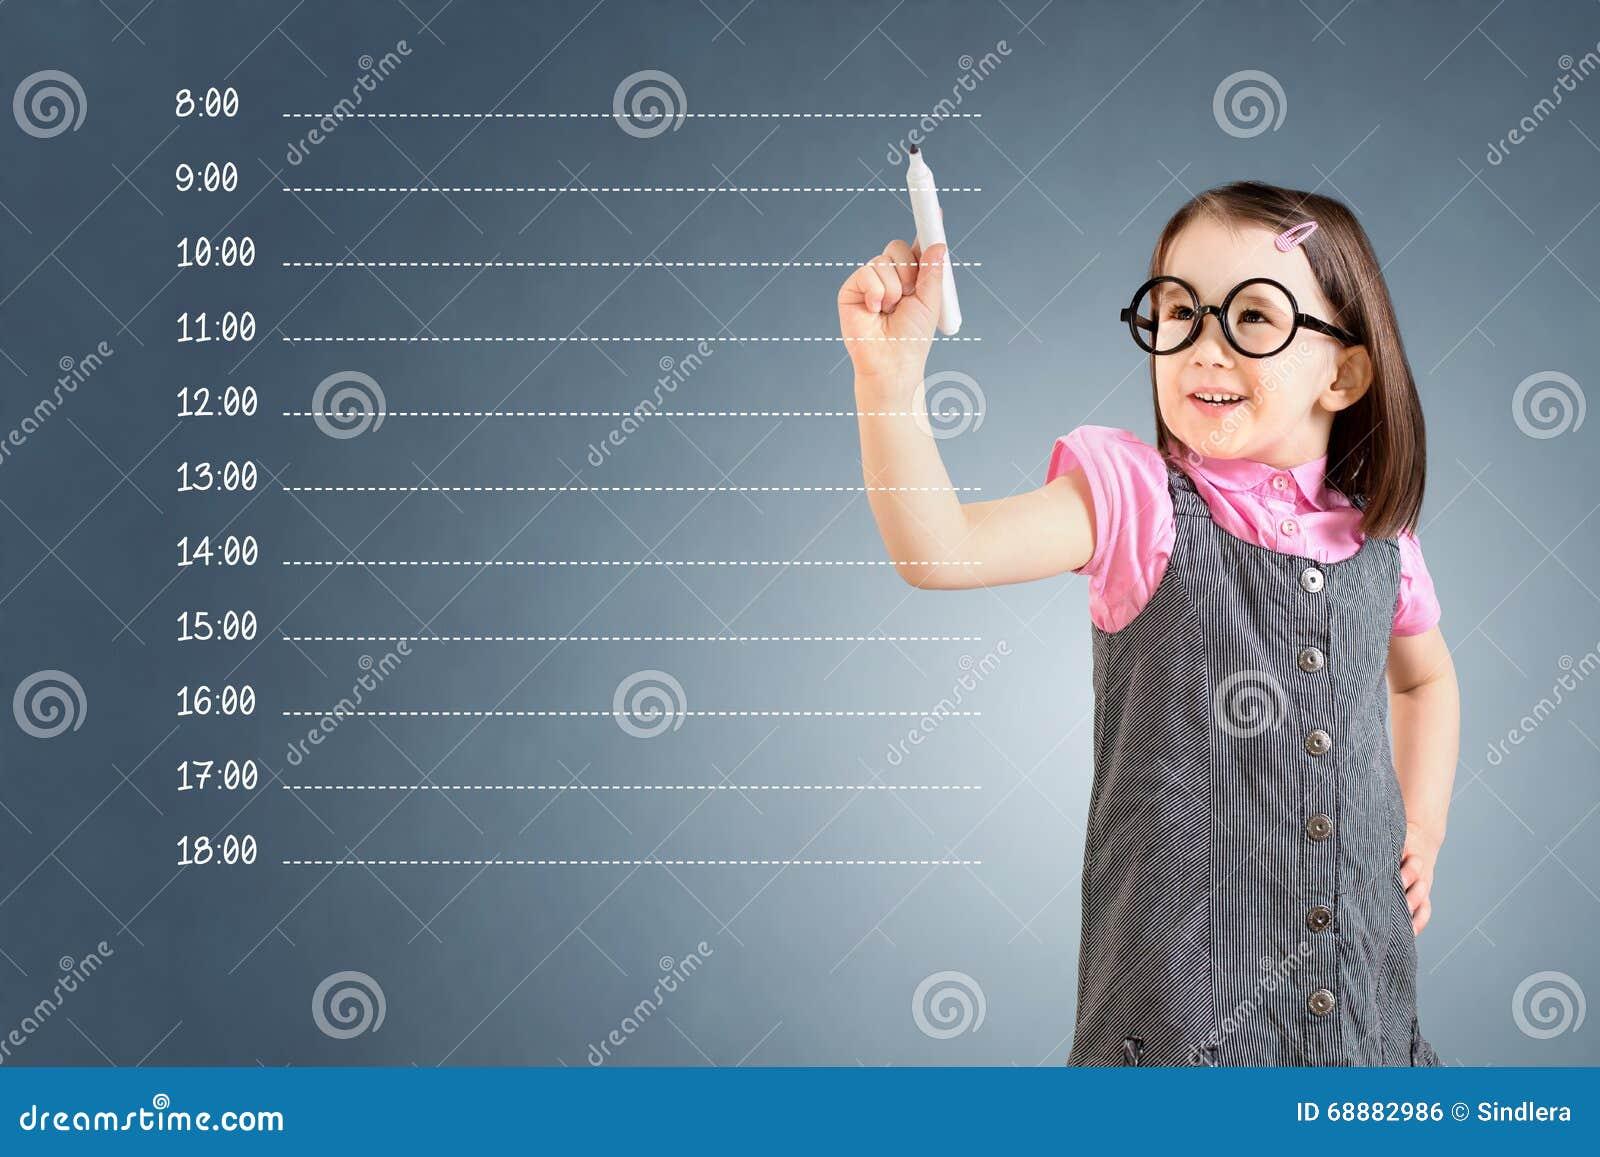 Vestido del negocio de la niña que lleva linda y escritura de horario de cita en blanco Fondo para una tarjeta de la invitación o